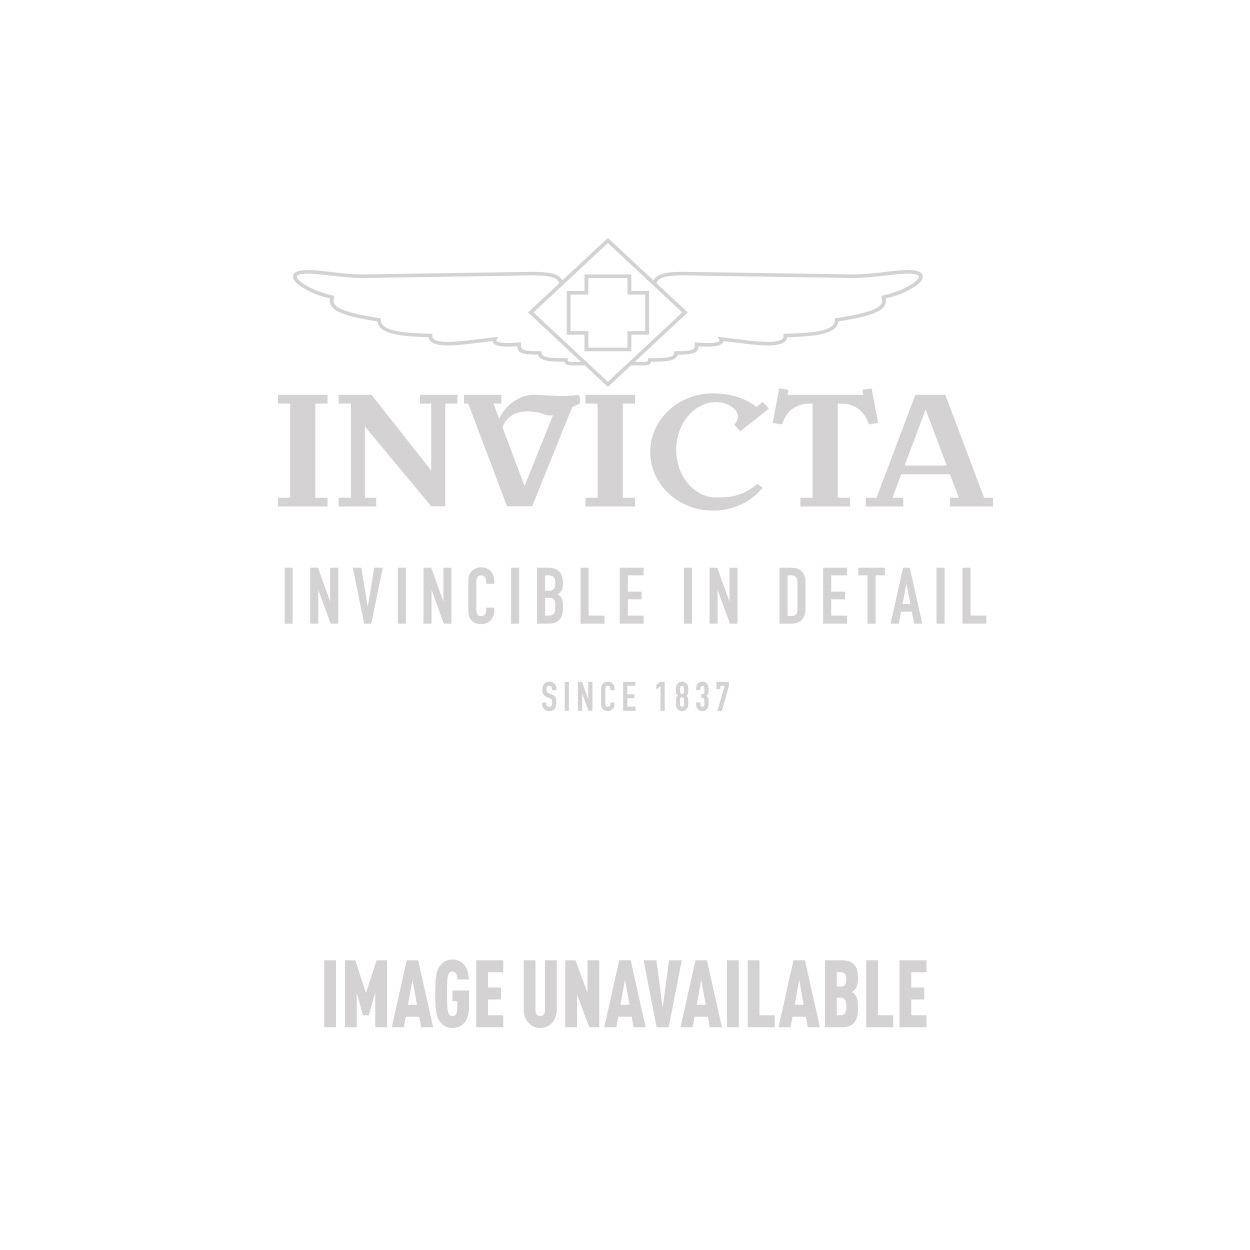 Invicta Model  22830